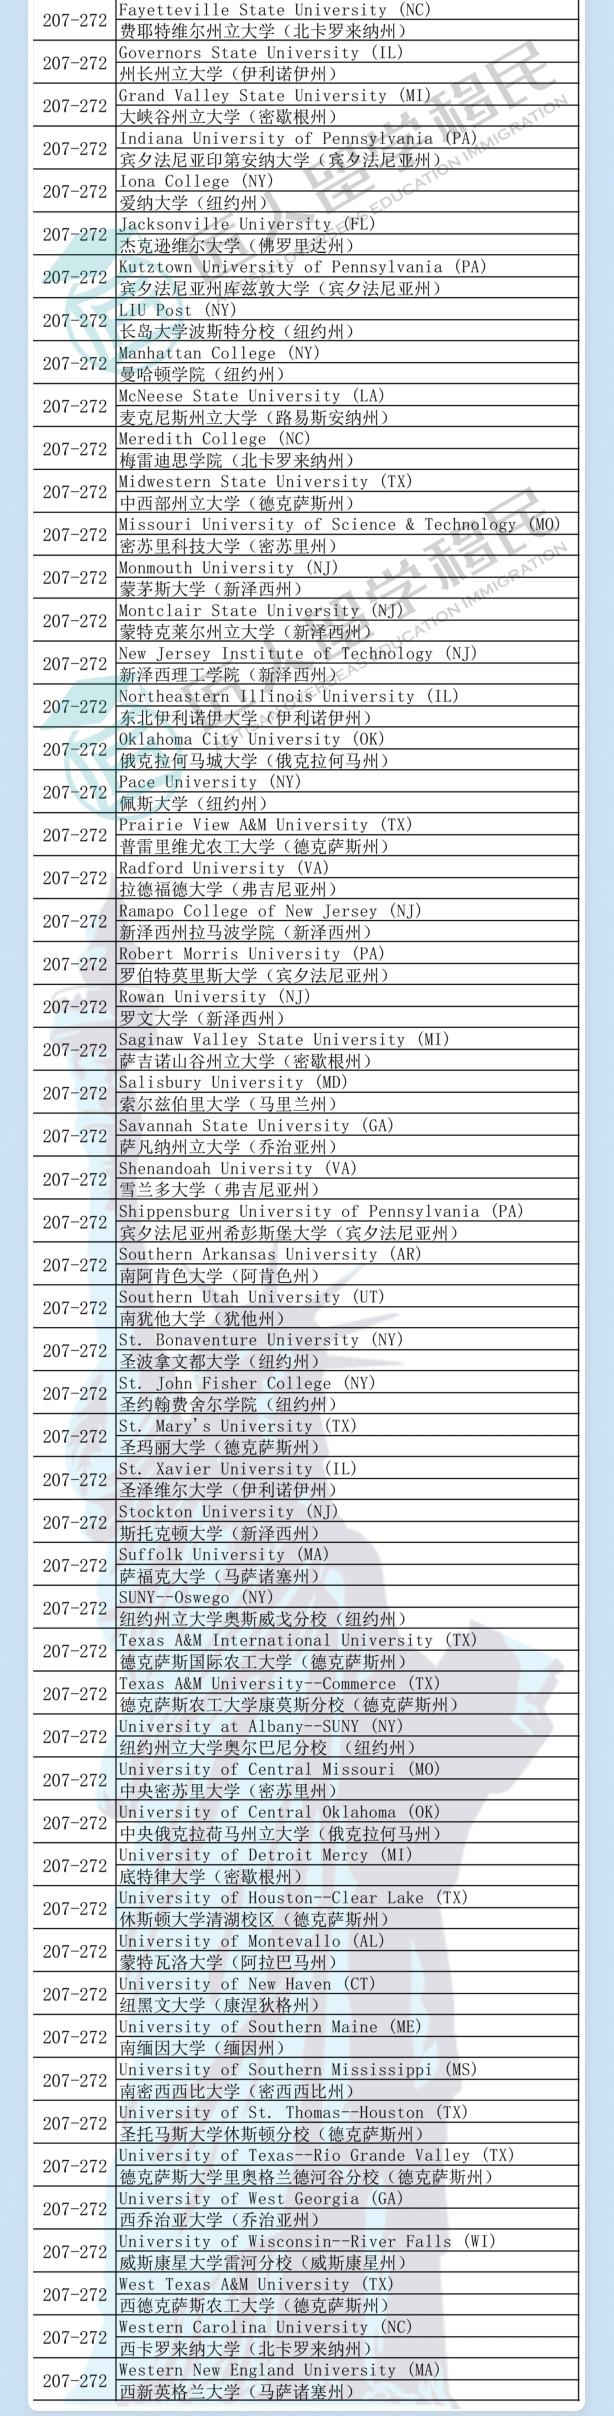 2021年度U.S.News非全日制工商管理硕士排名